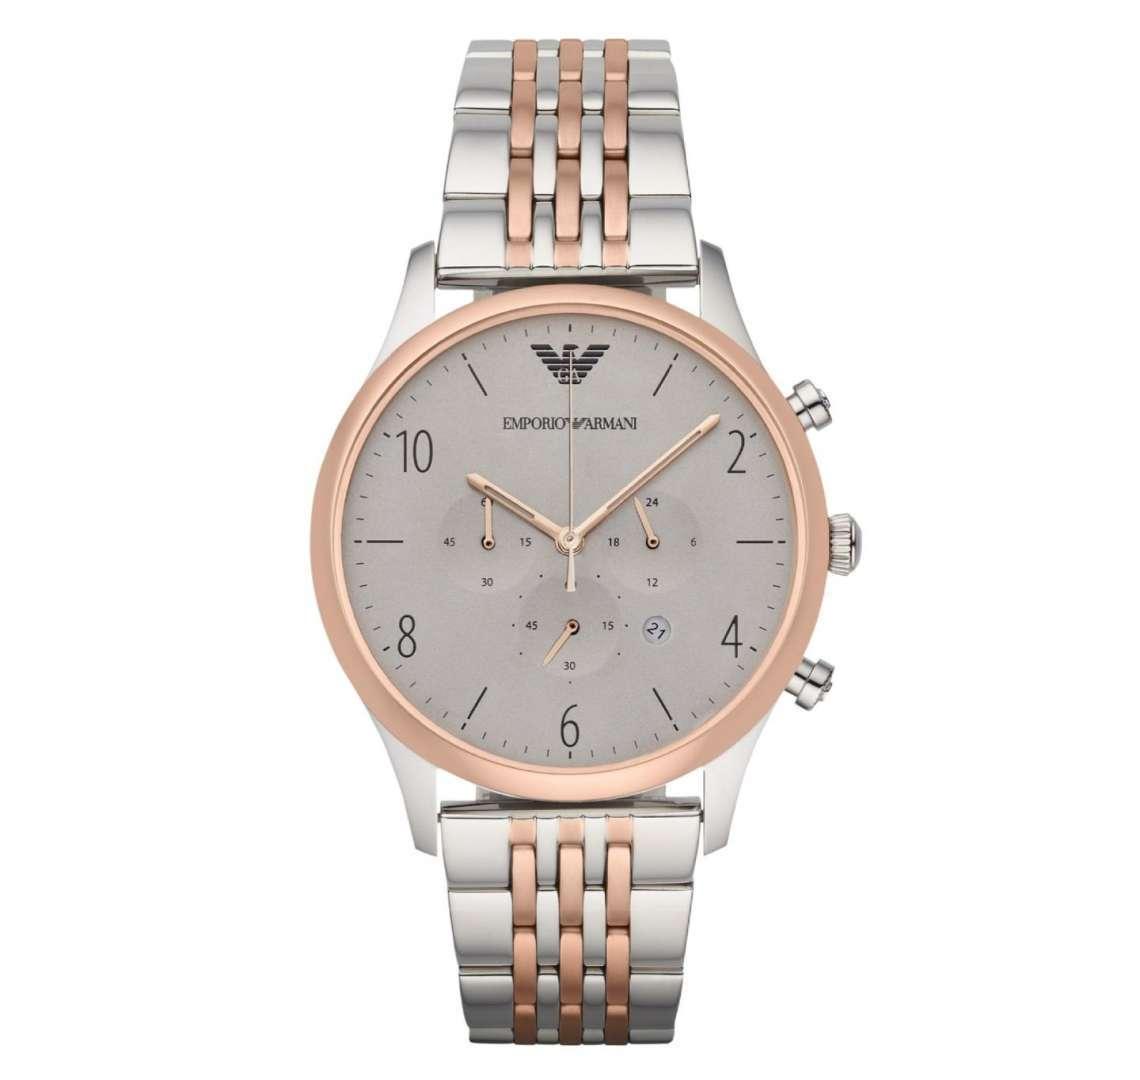 שעון יד אנלוגי לגבר emporio armani ar1864 אמפוריו ארמני